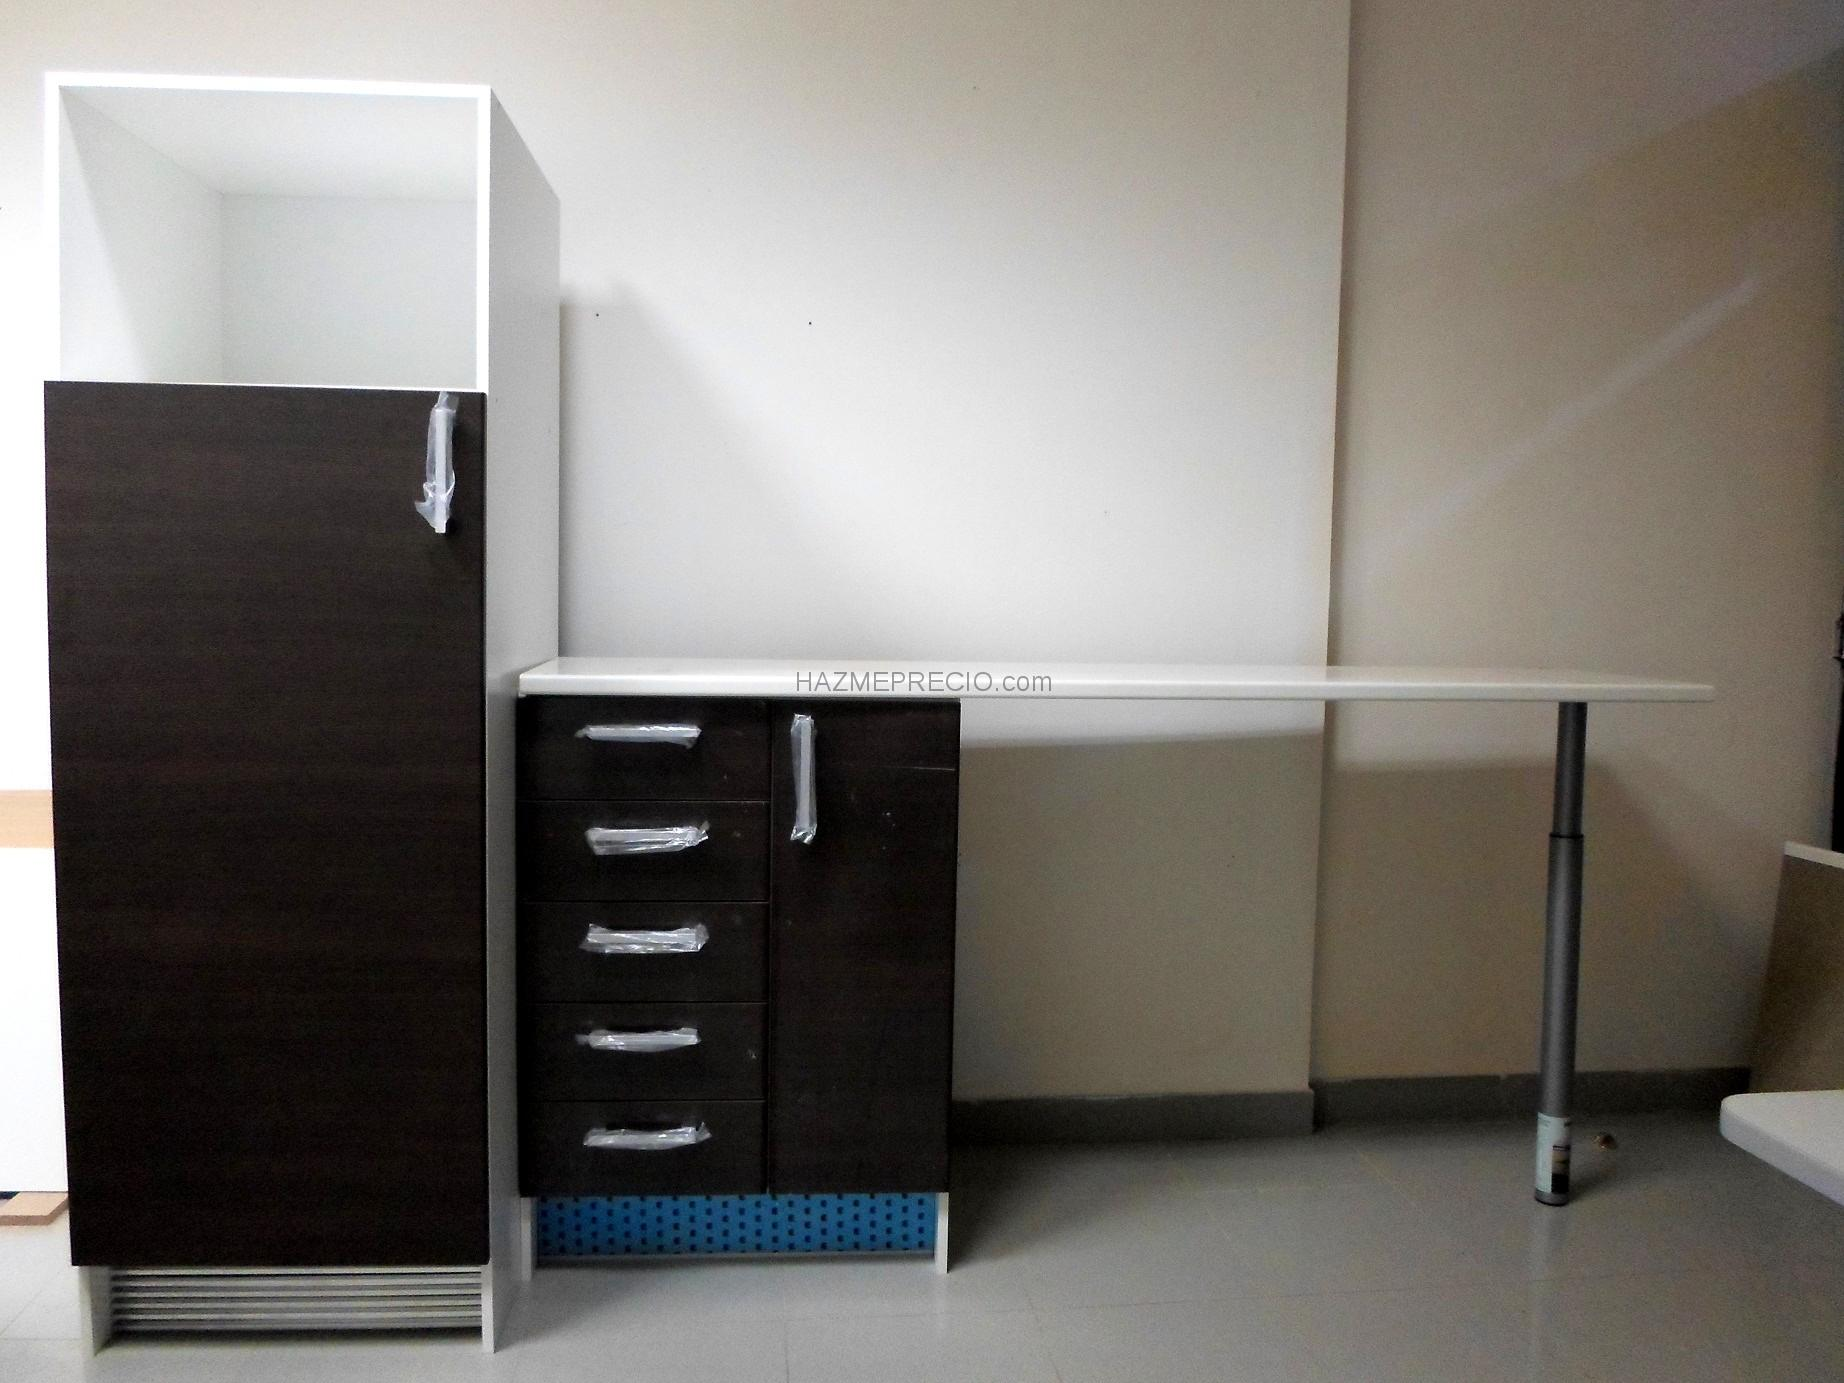 Empresas de muebles de cocina a medida en madrid for Muebles a medida madrid